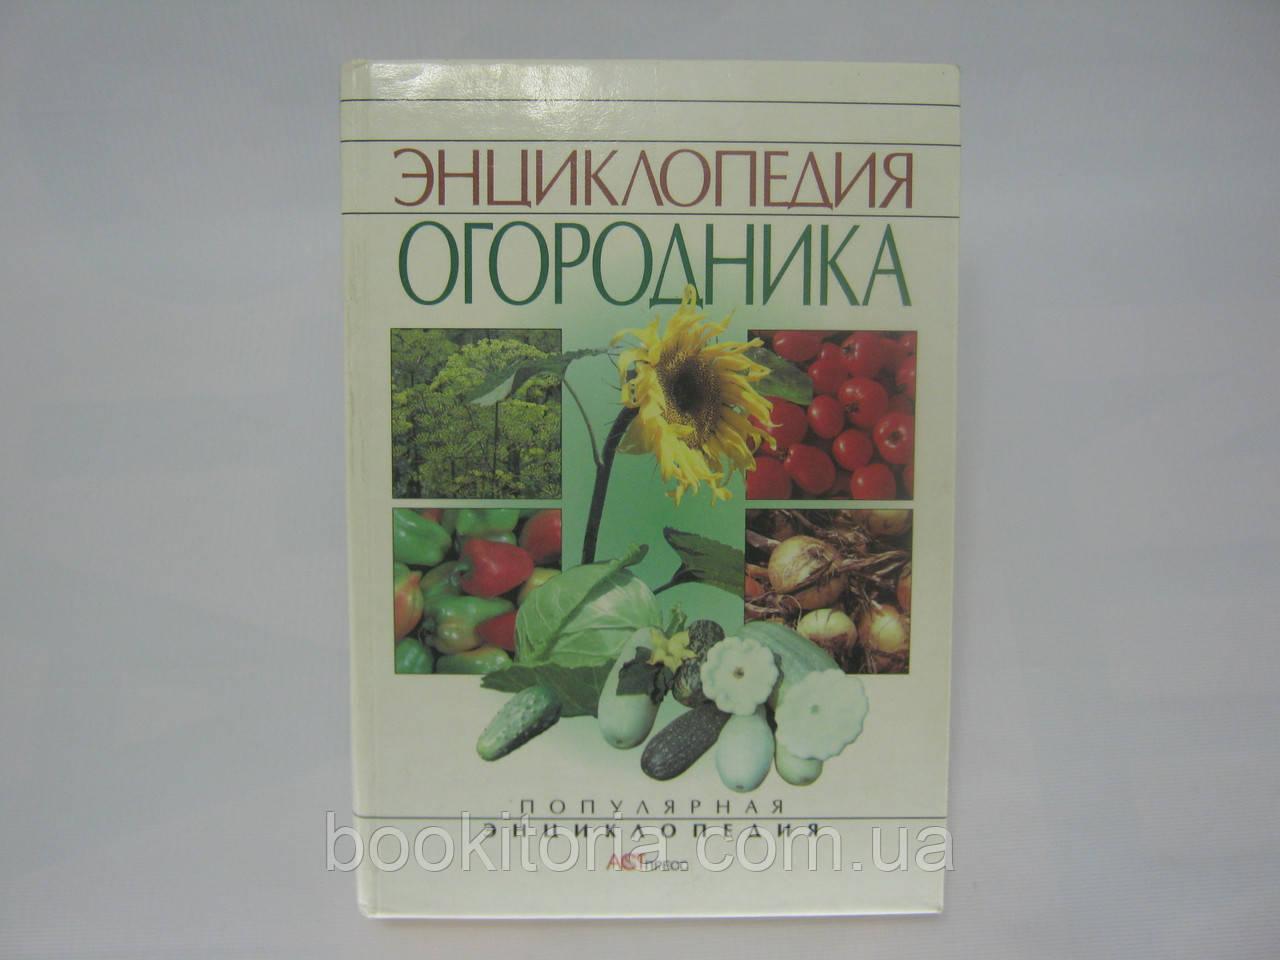 Тимофеева С.Ф. Энциклопедия огородника (б/у).